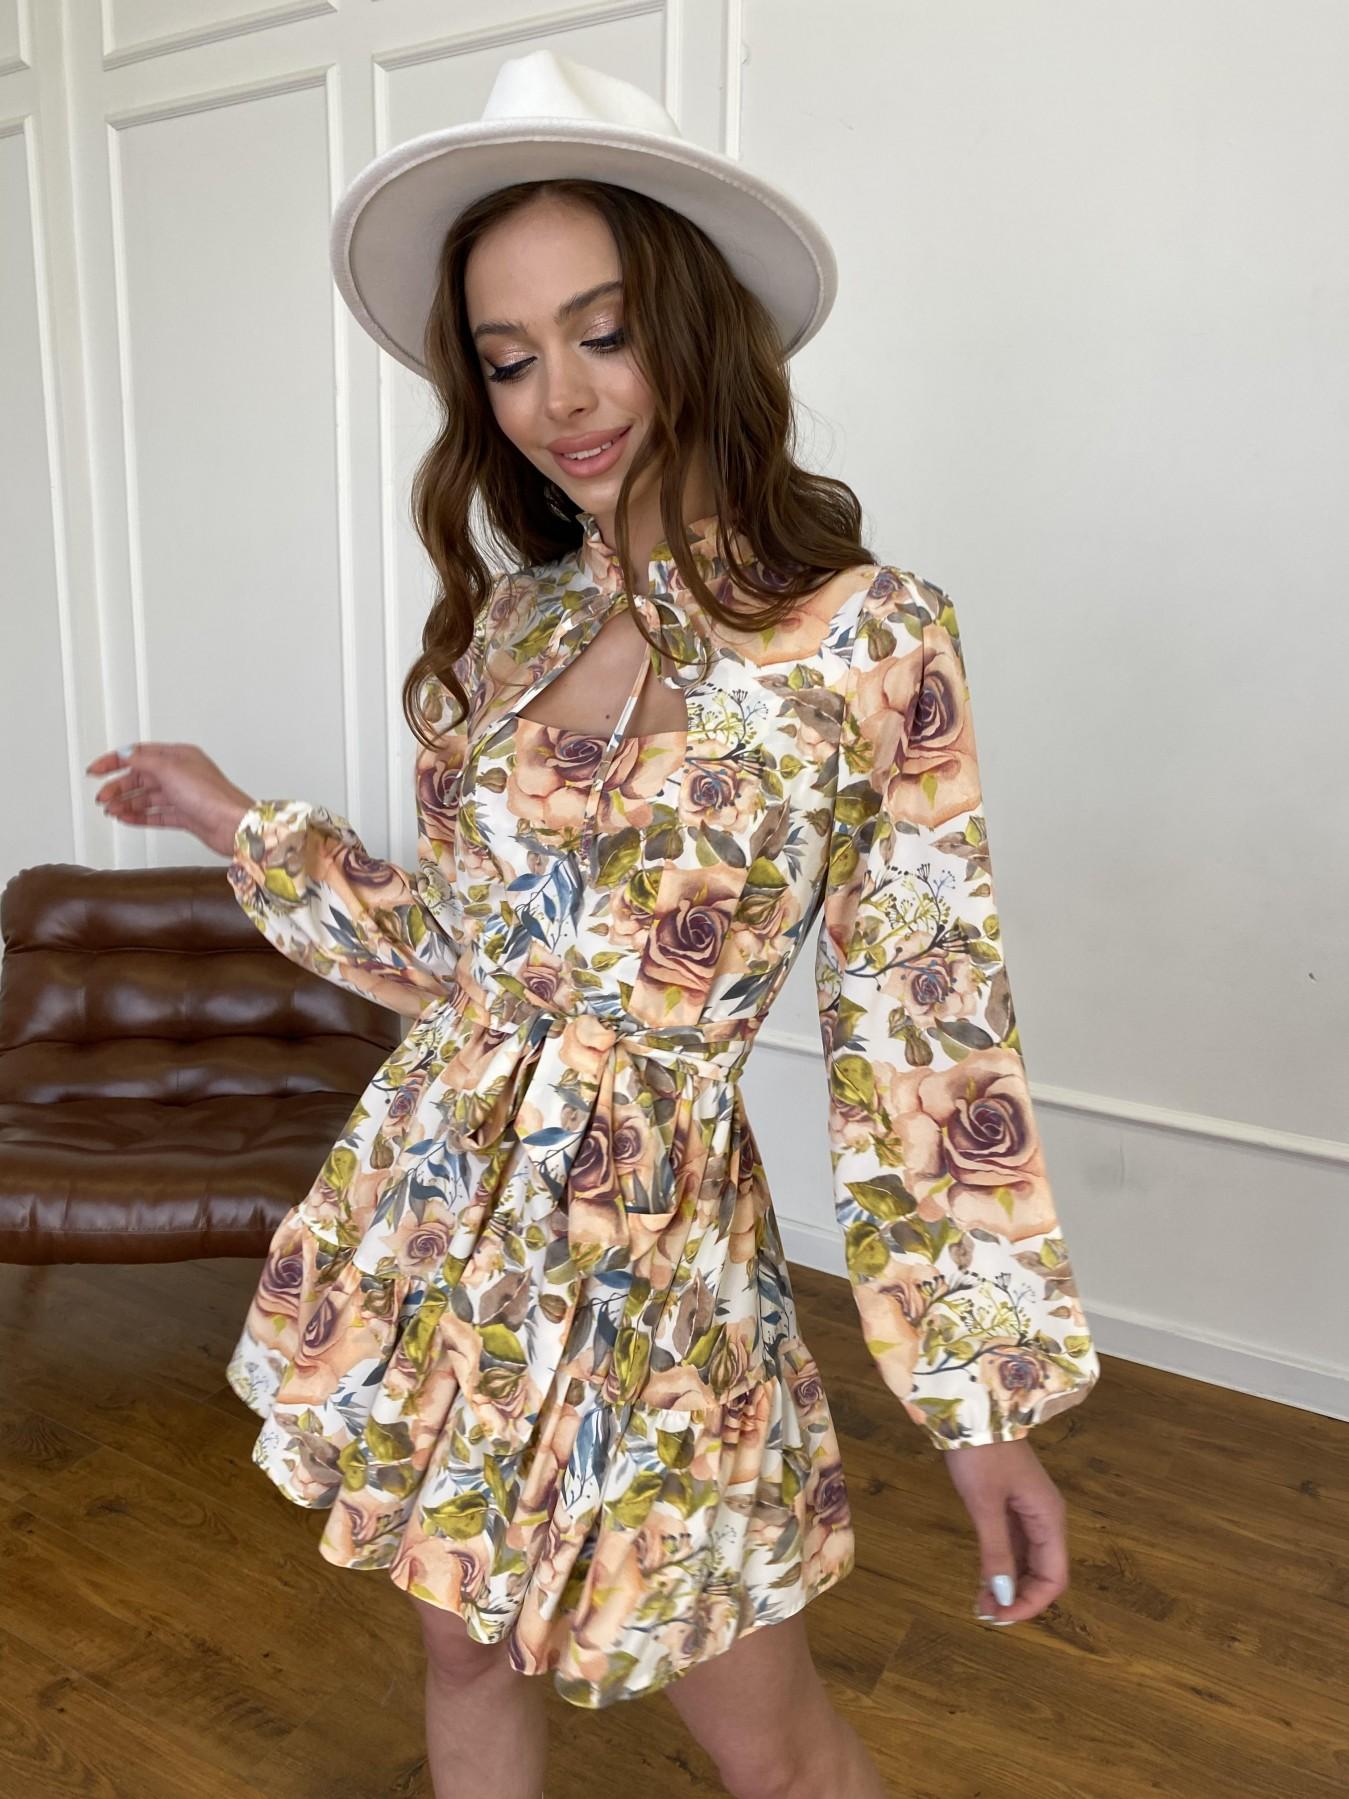 Марселла платье  софт принт бистрейч 11200 АРТ. 47710 Цвет: Кр.розы/молоко/персик - фото 2, интернет магазин tm-modus.ru